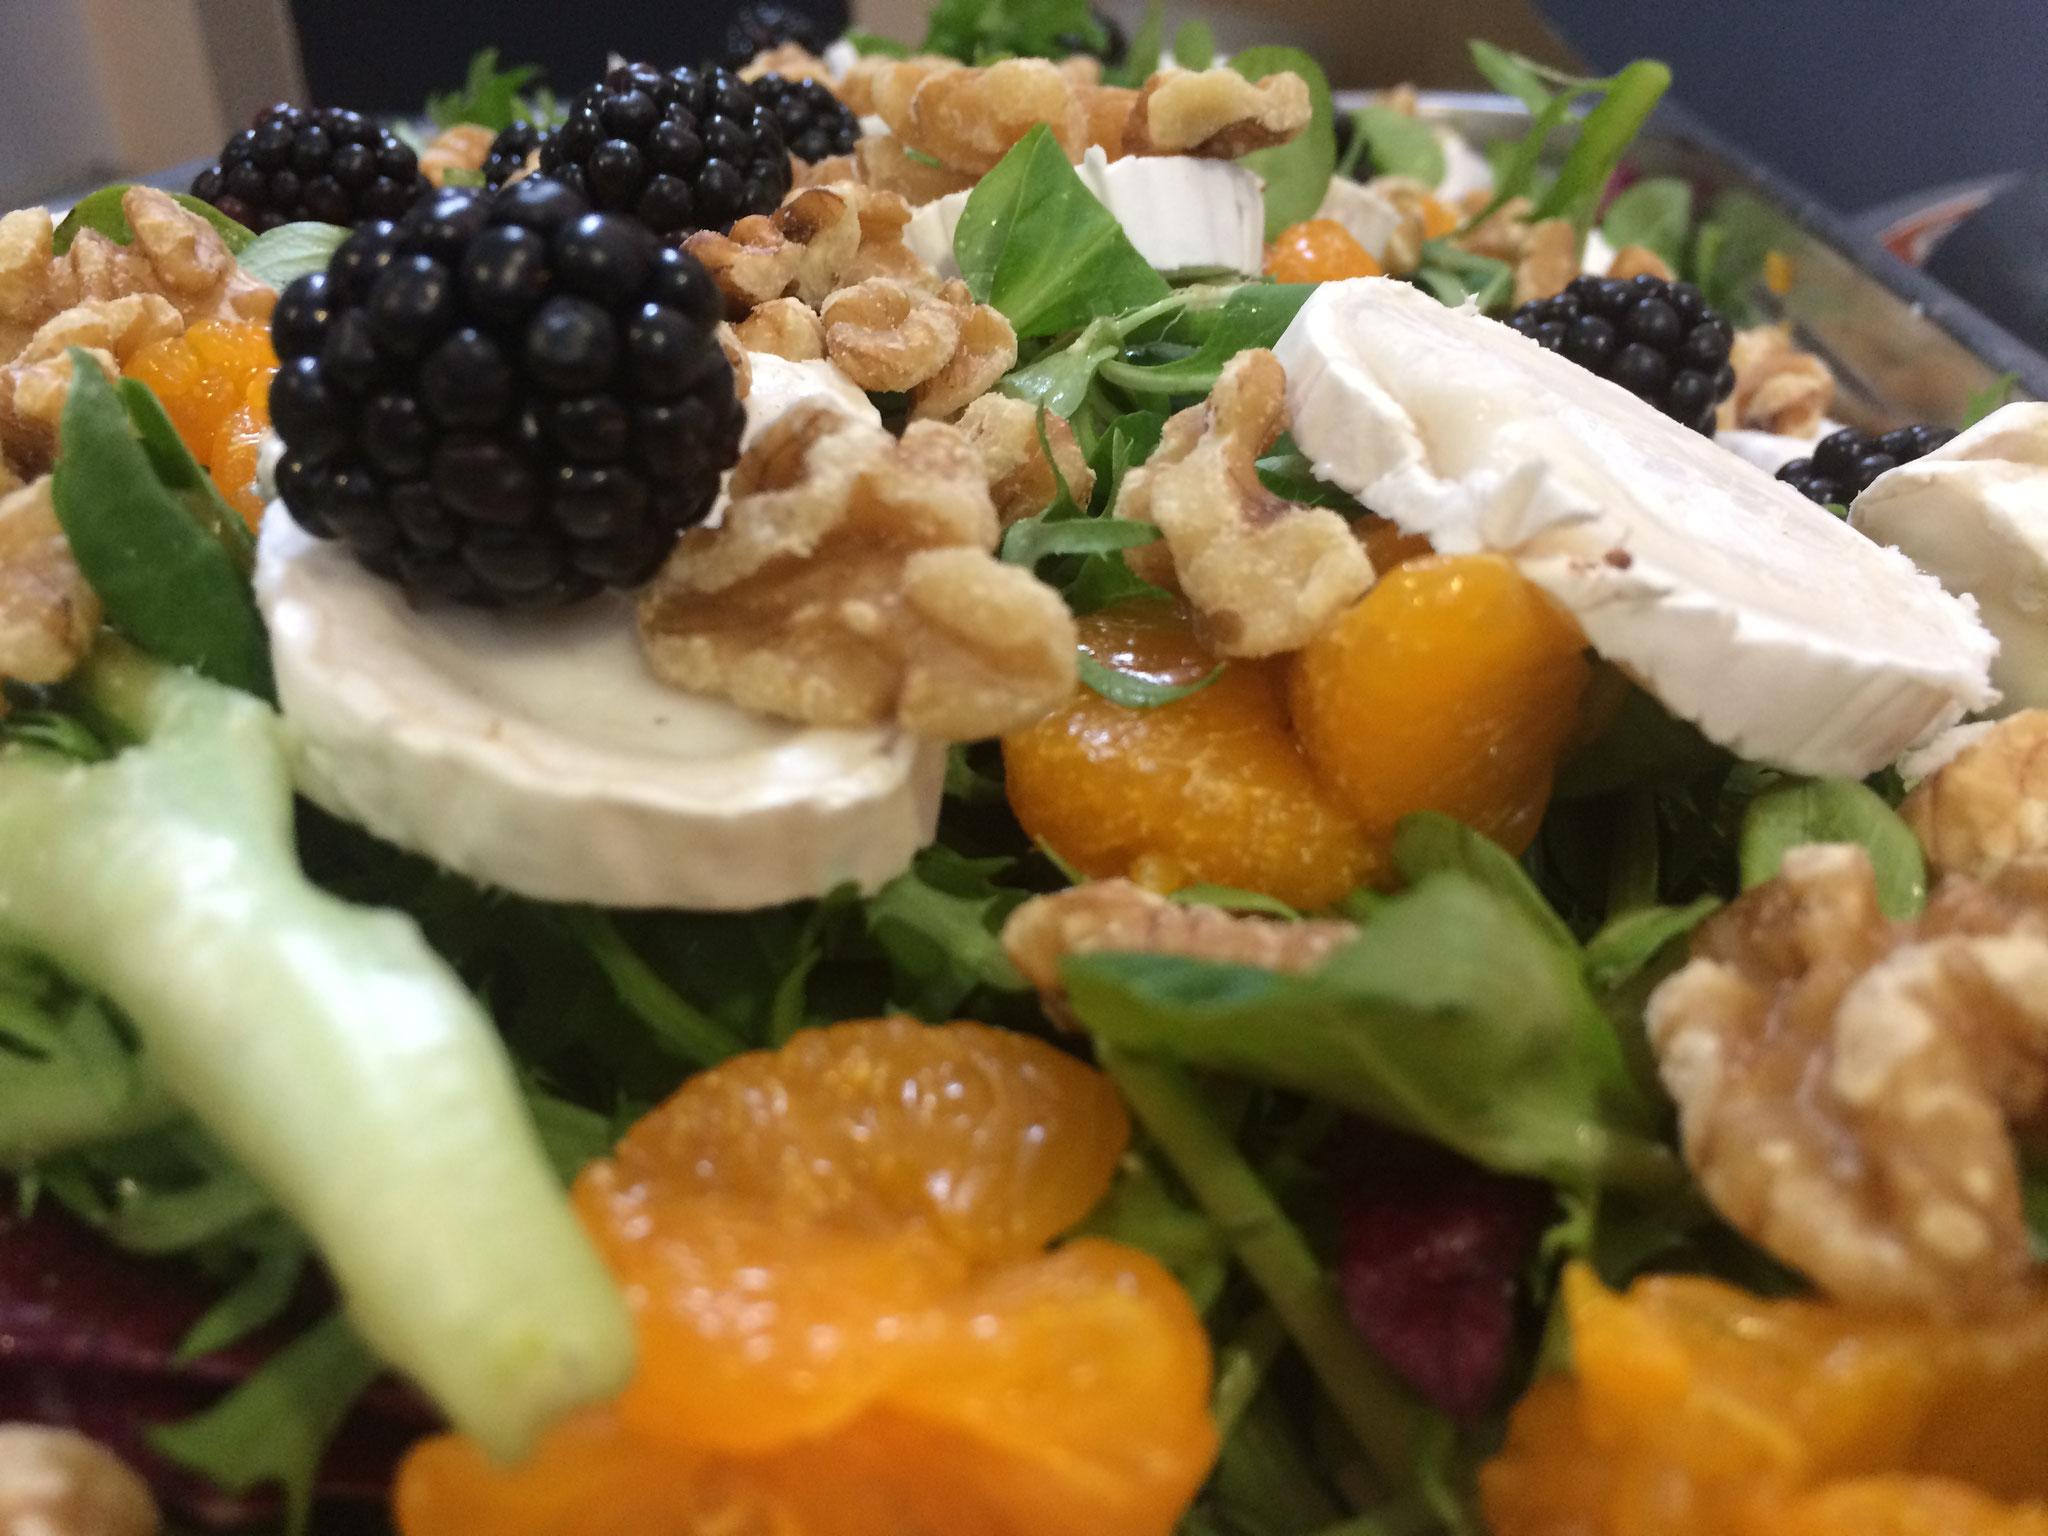 Feldsalat mit Orangenfilets, Ziegenkäse, Walnüssen und Johannisbeeren